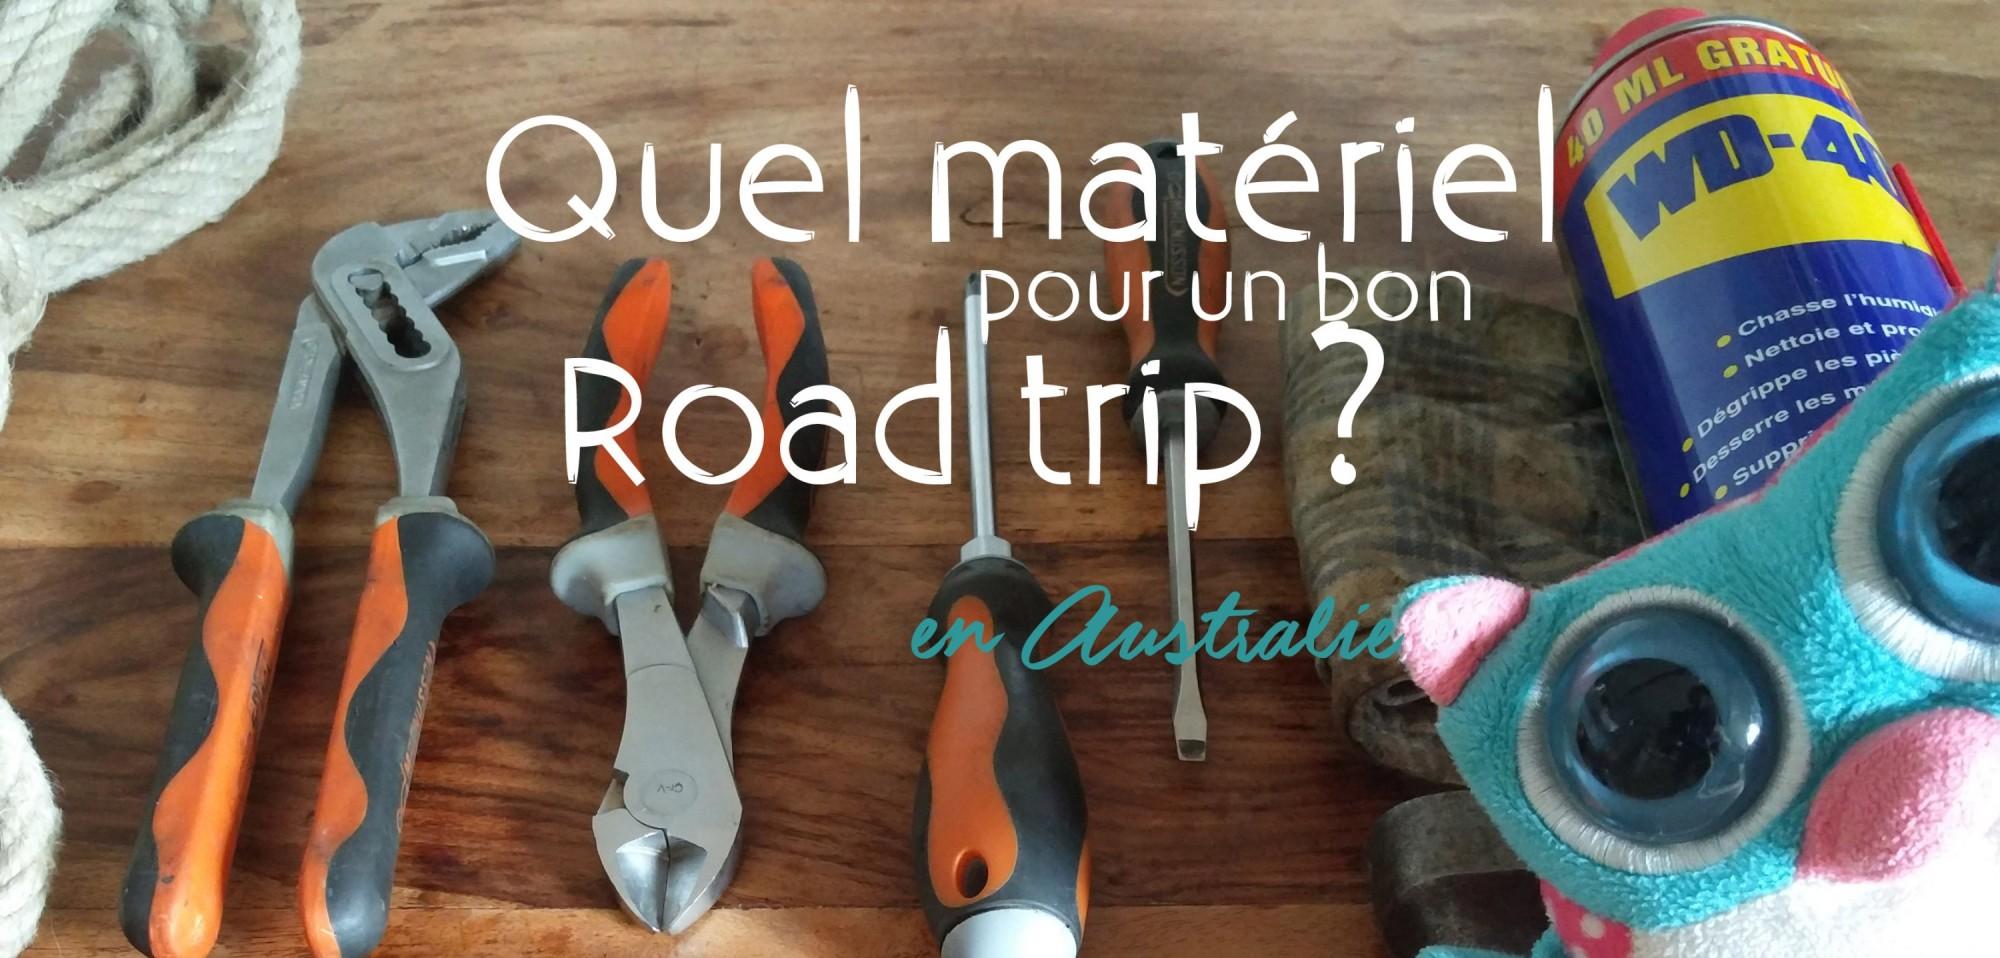 Le matériel indispensable d'un bon road trip